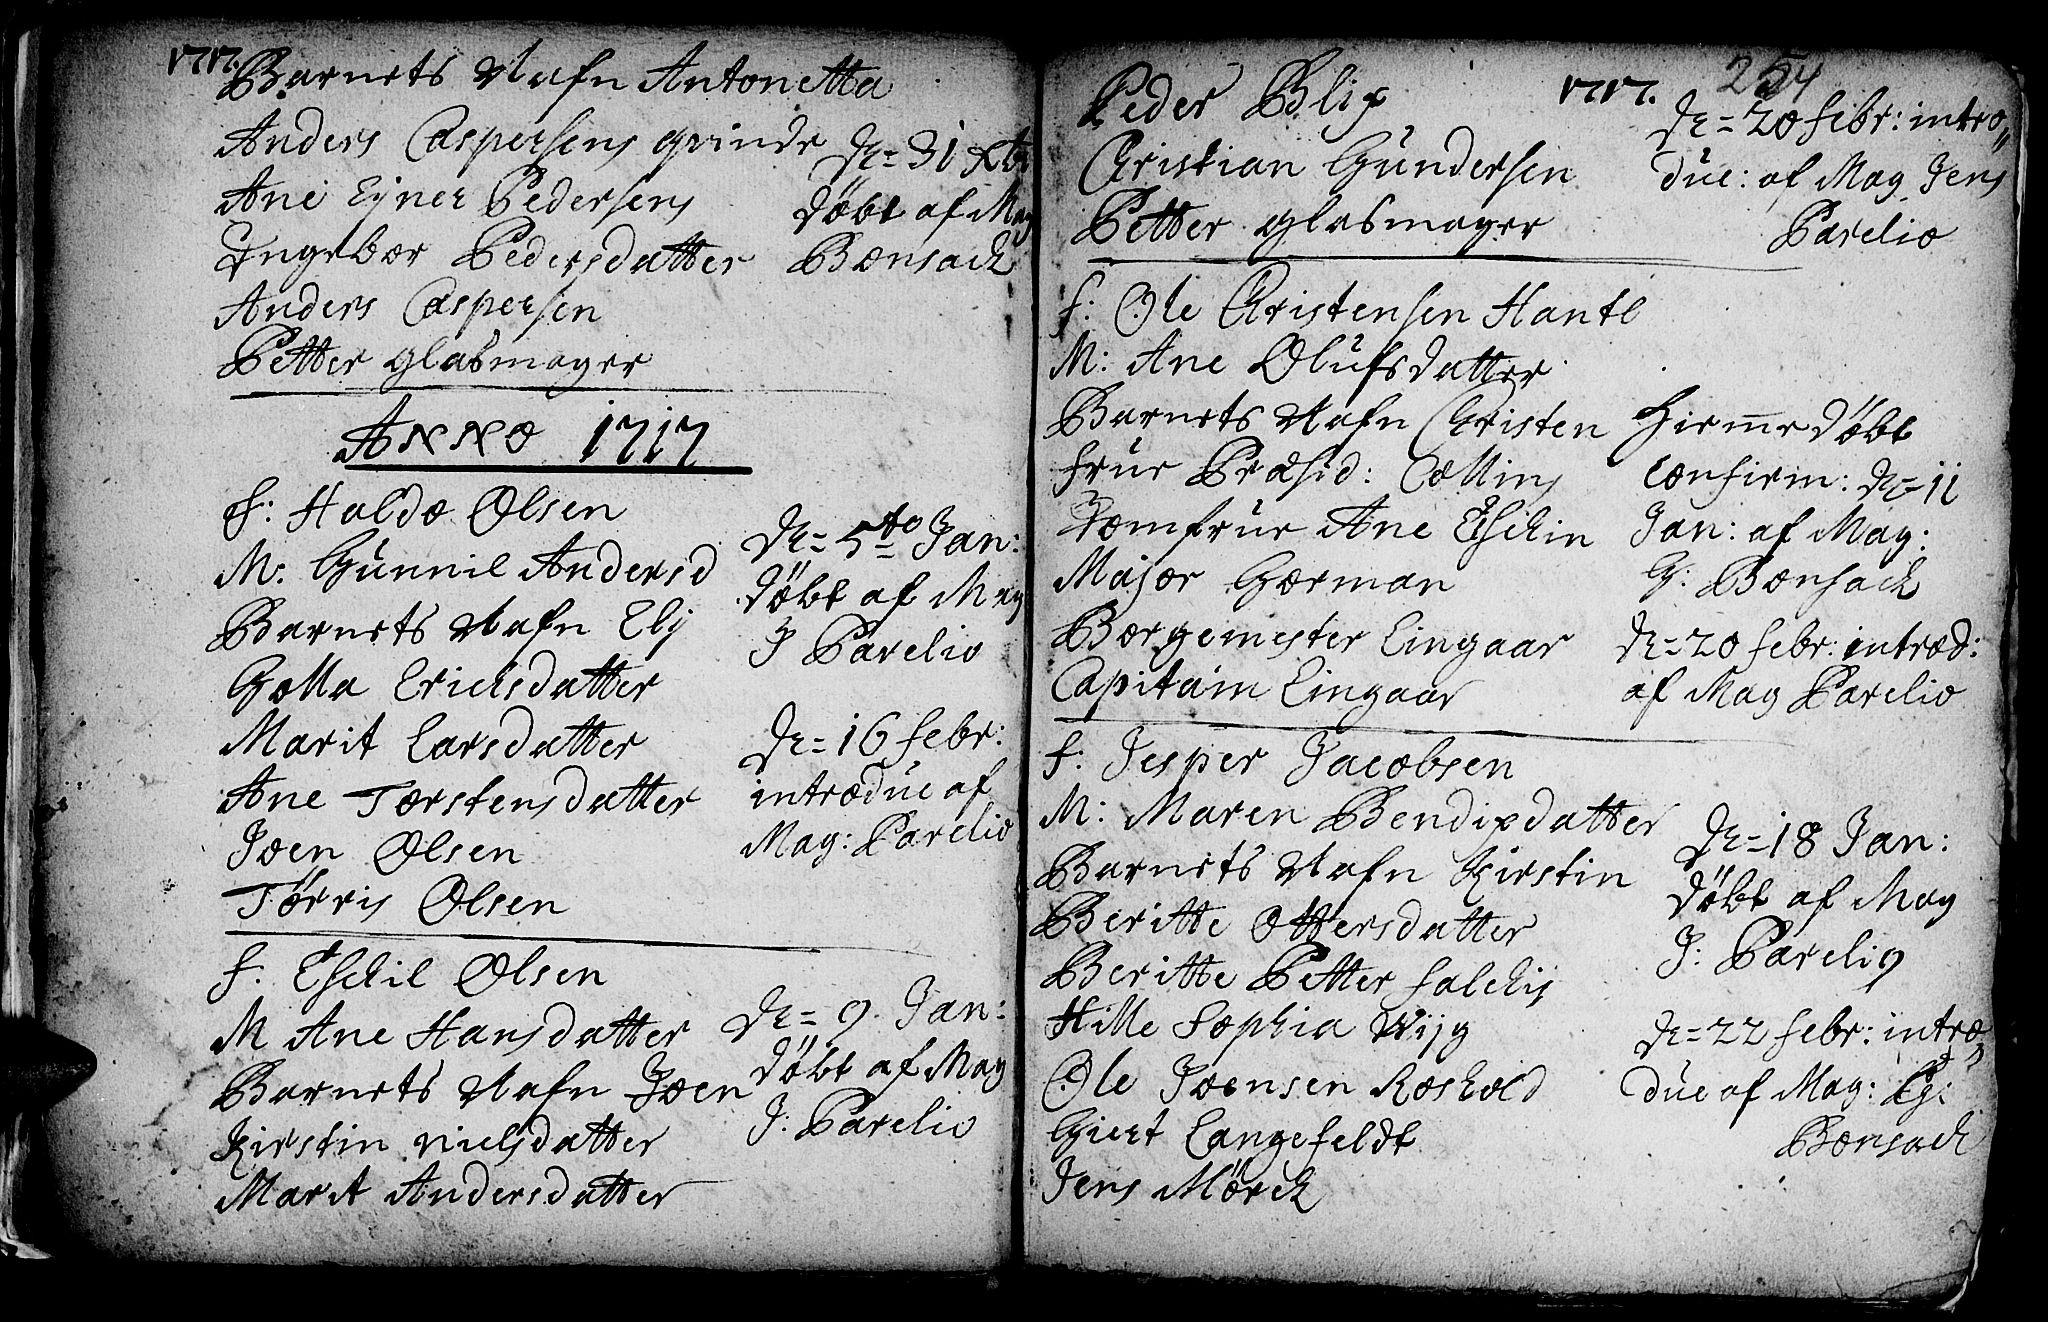 SAT, Ministerialprotokoller, klokkerbøker og fødselsregistre - Sør-Trøndelag, 601/L0035: Ministerialbok nr. 601A03, 1713-1728, s. 254